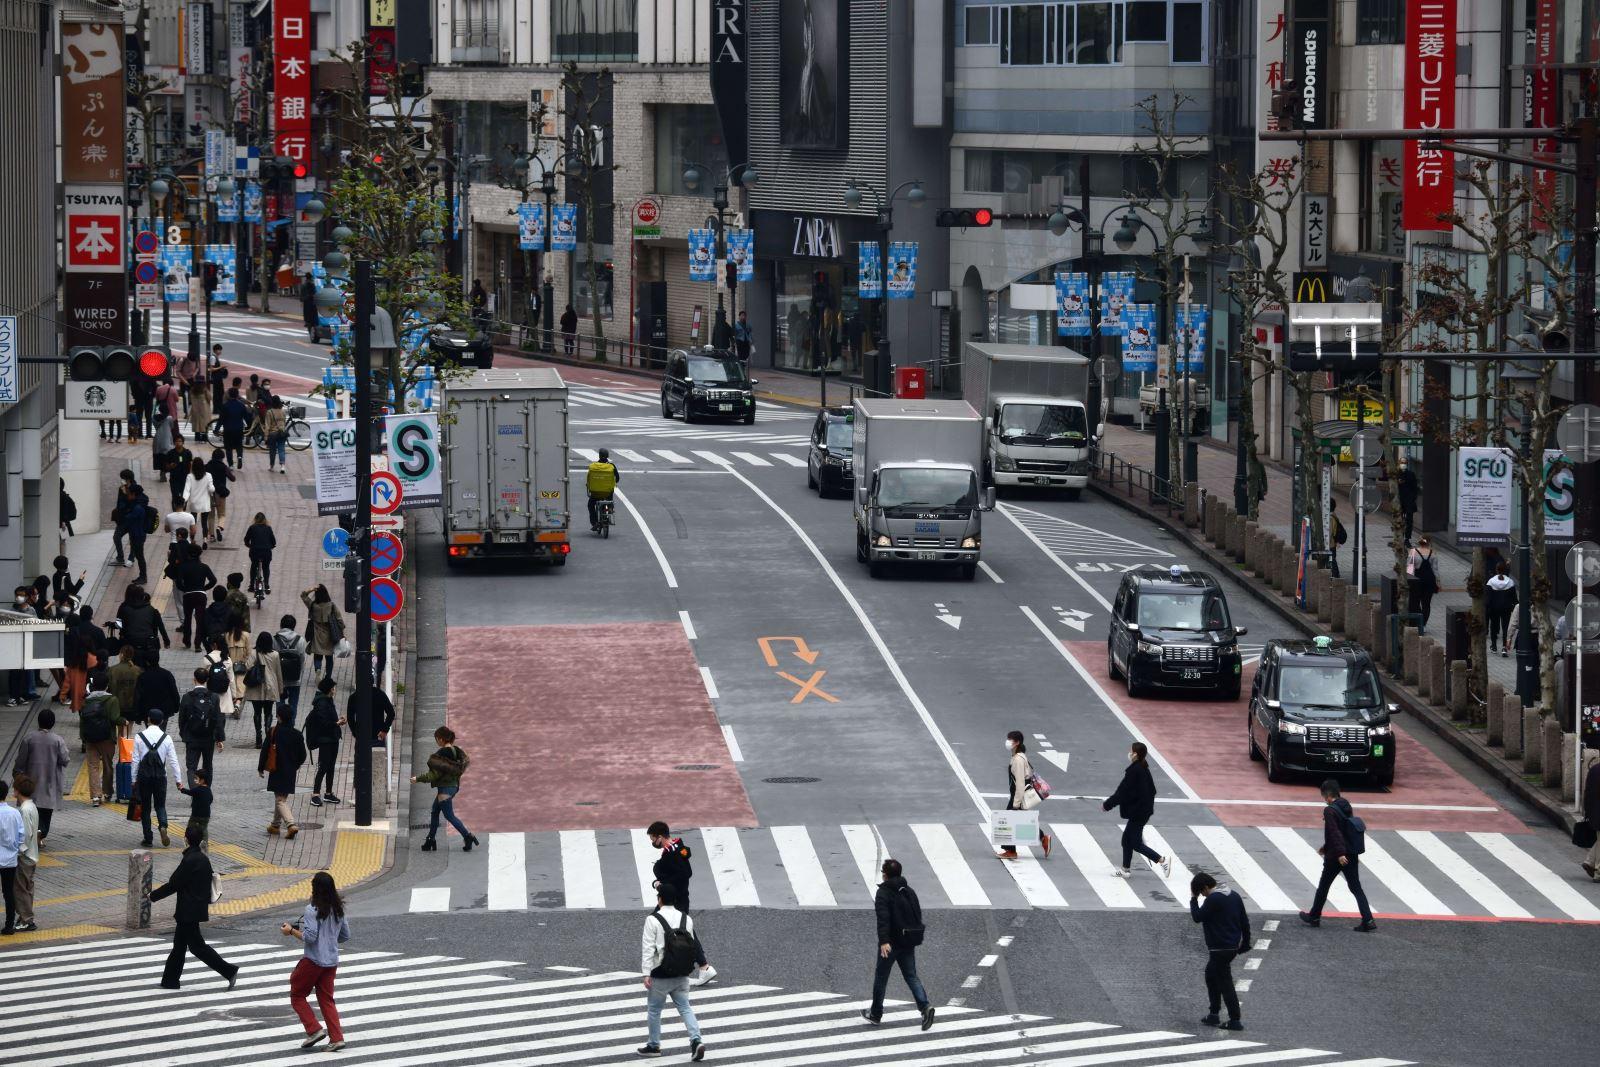 Người dân di chuyển trên đường phố tại Tokyo, Nhật Bản trong bối cảnh dịch COVID-19 lan rộng. Ảnh: AFP- TTXVN